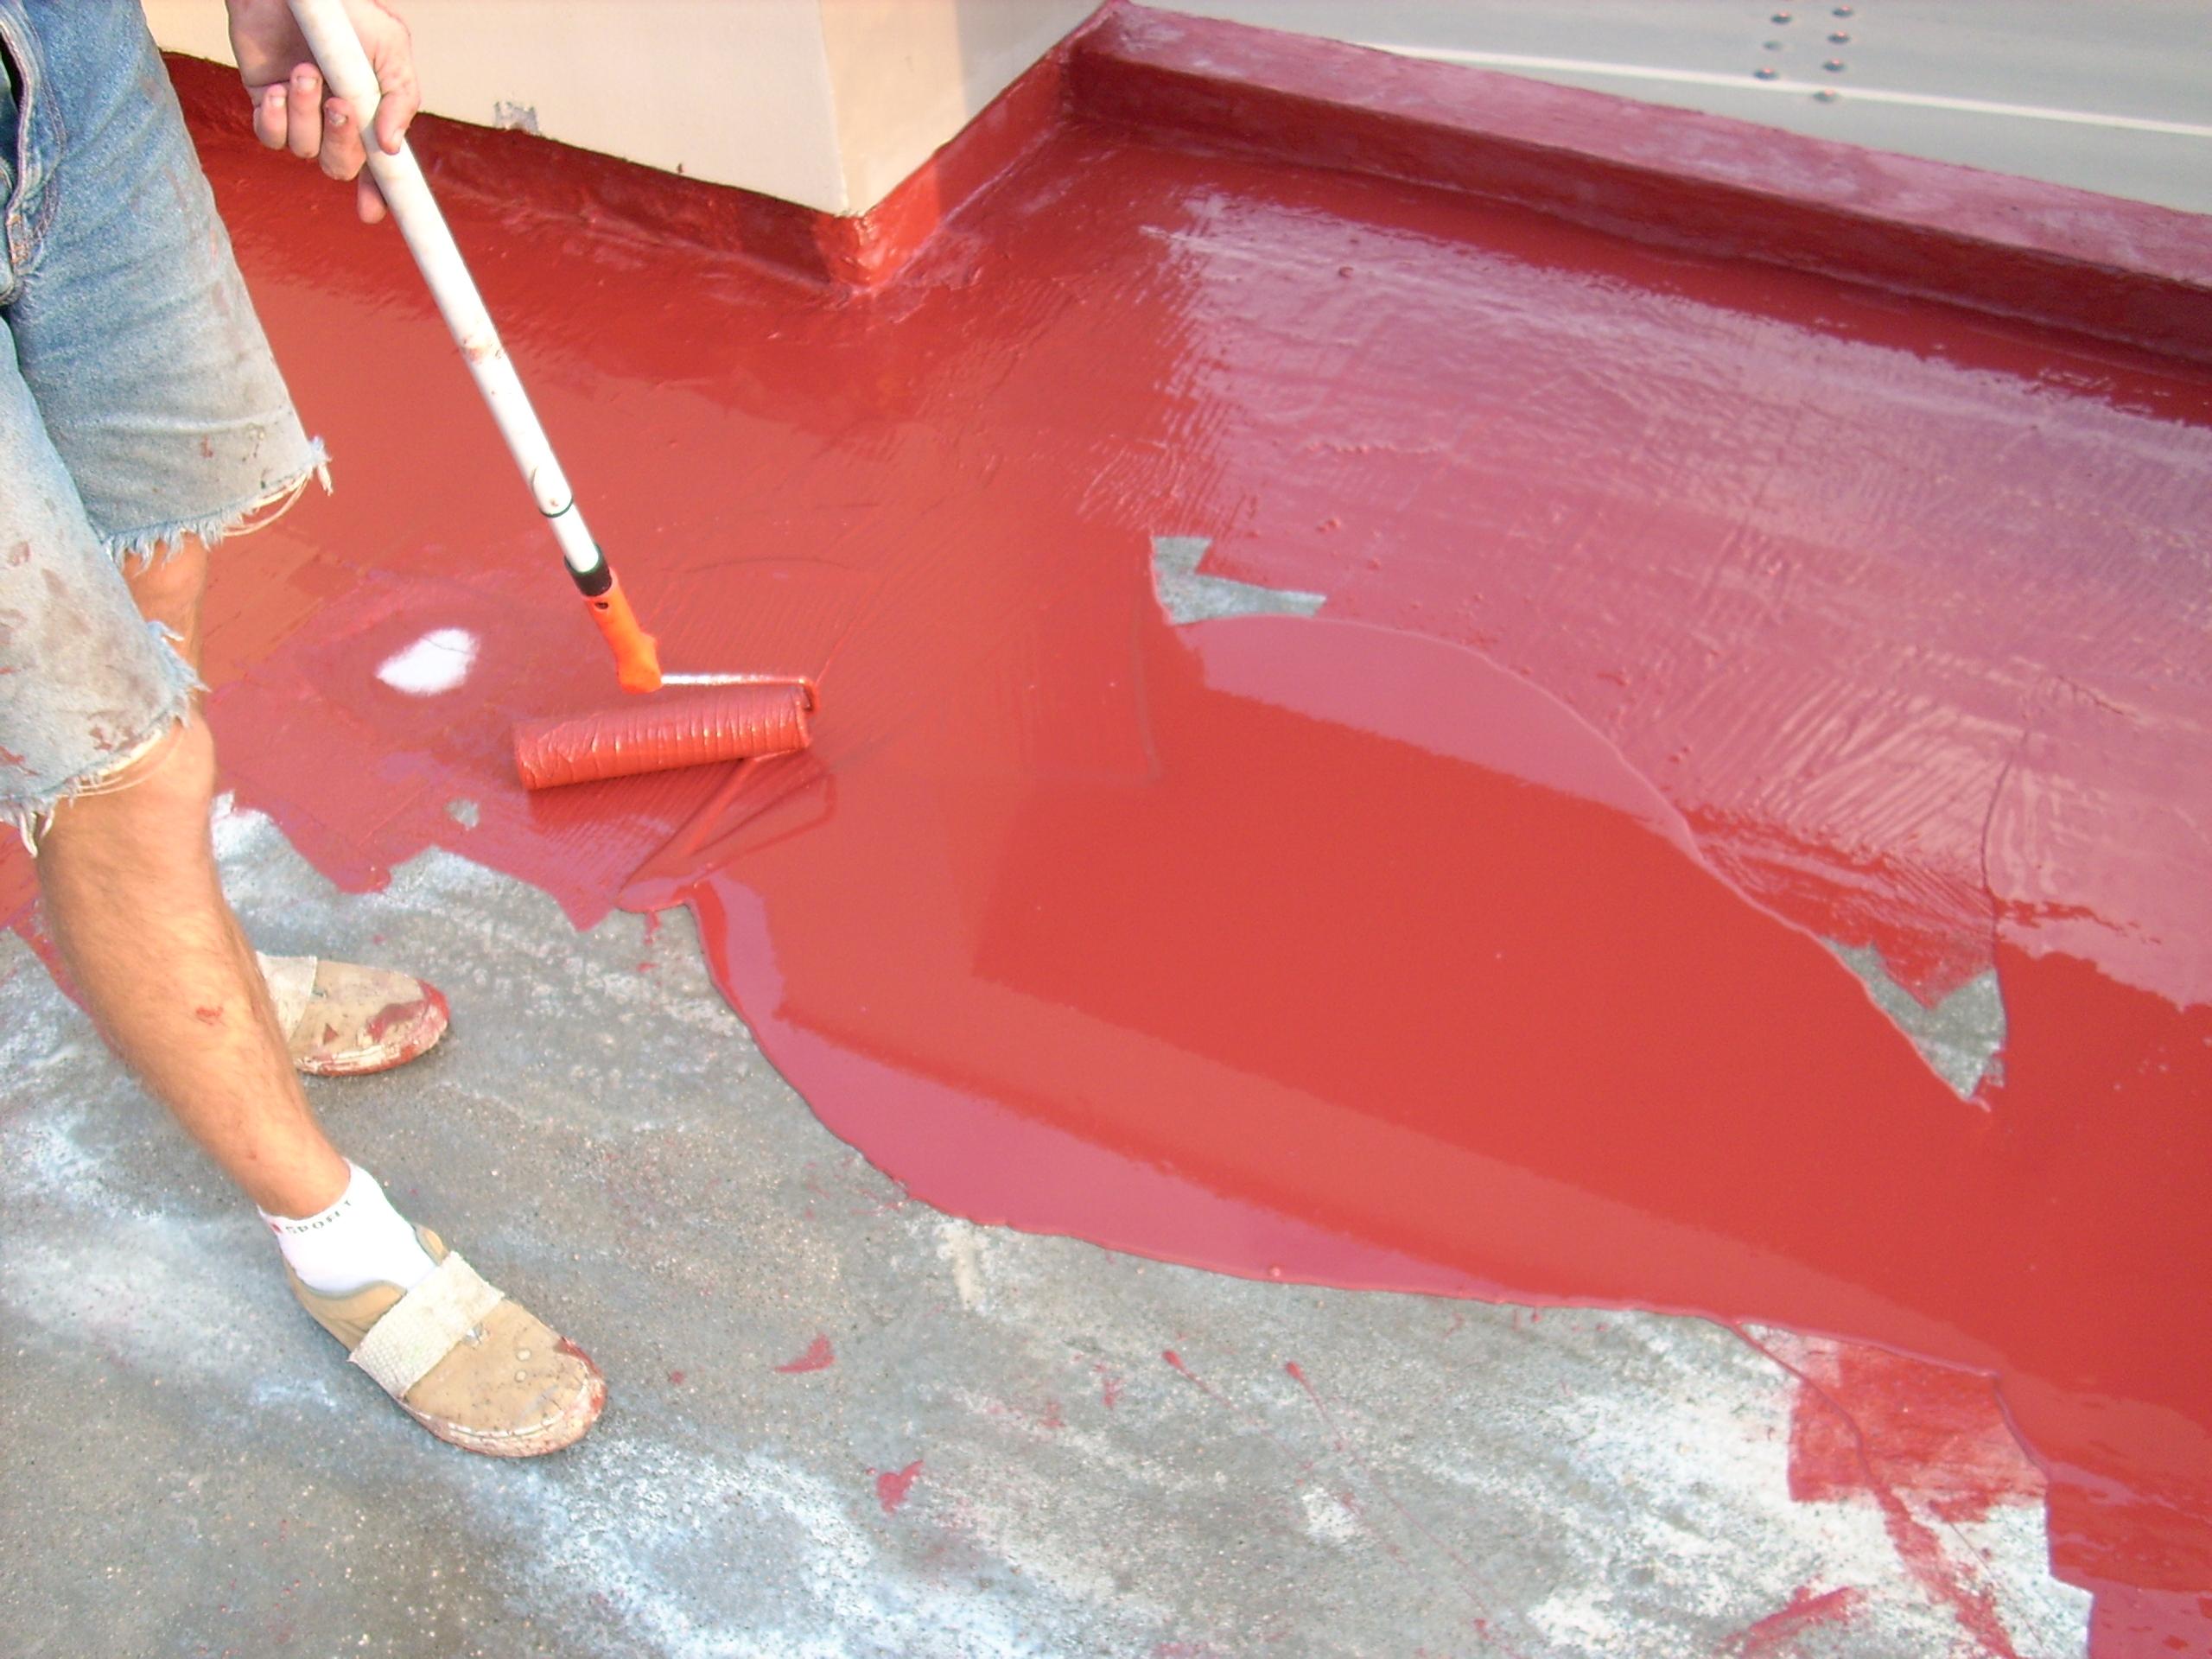 Aplicarea tratamentelor de impermeabilizare - Vila persoana privata - Pipera UNICO PROFIT - Poza 67